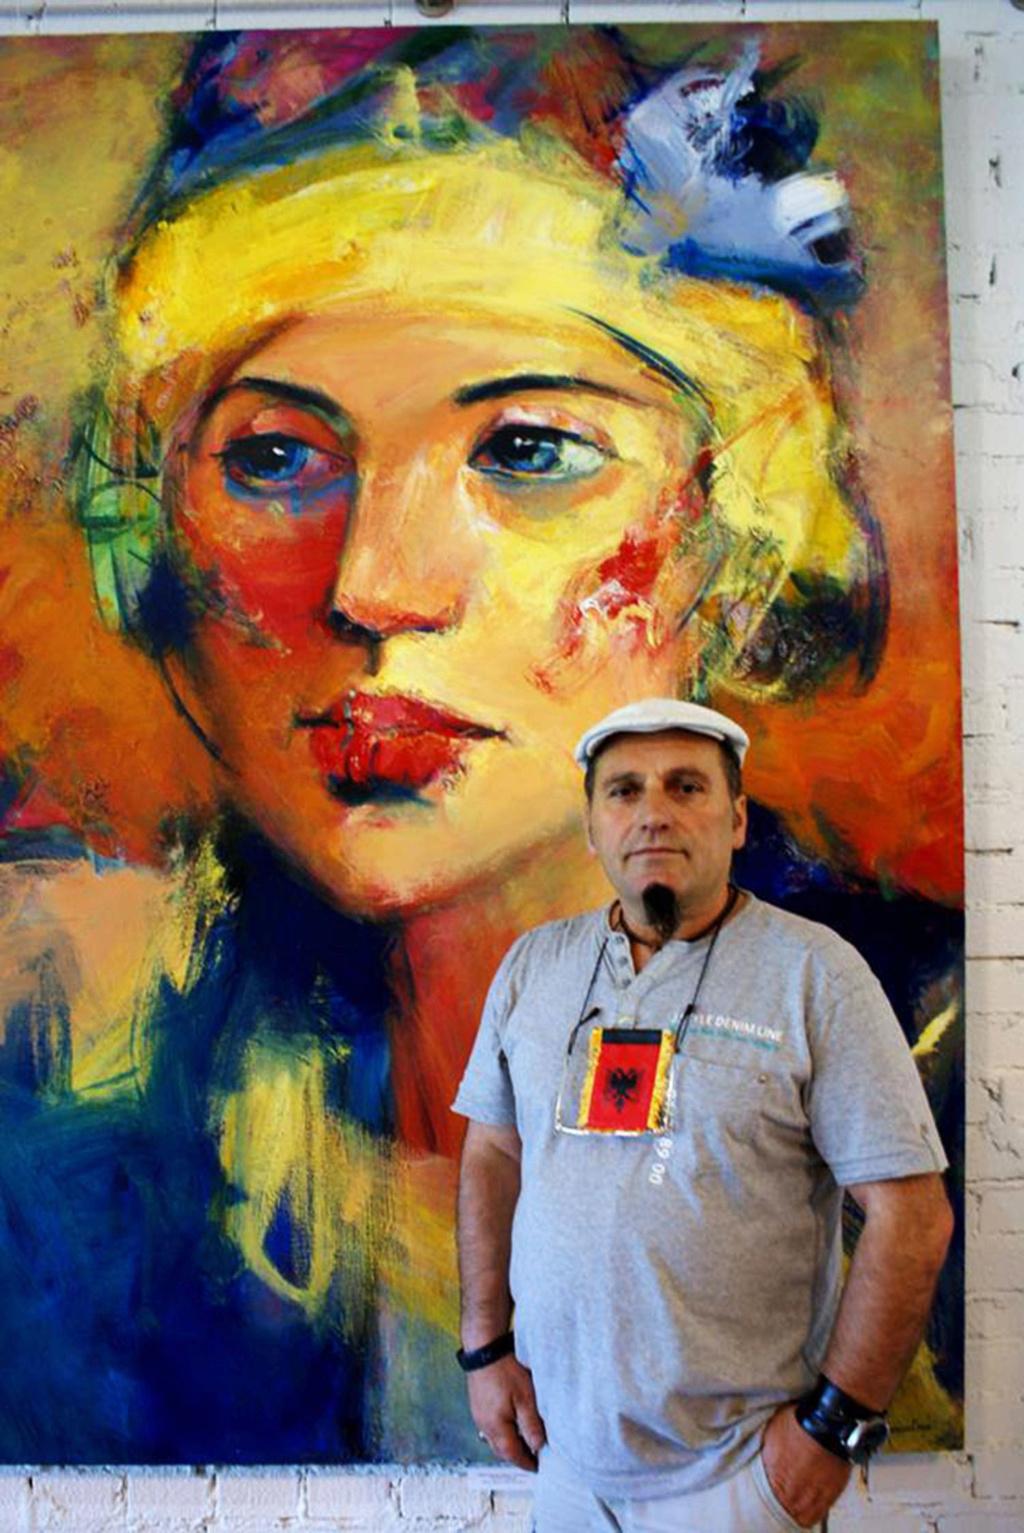 Internacional Artist Shefqet Avdush Emini 35m11